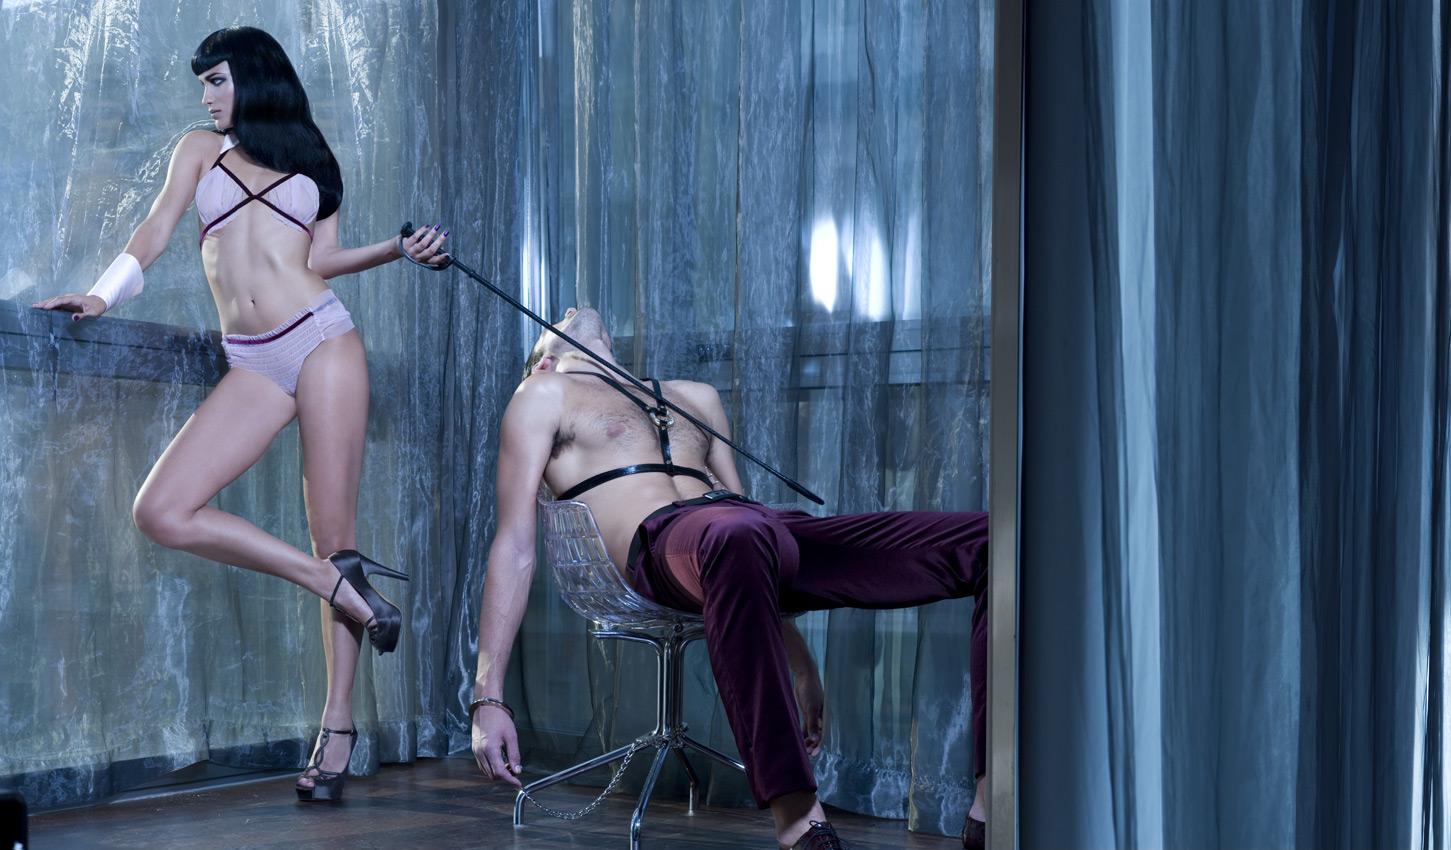 Пытки мужчин госпожа 10 фотография